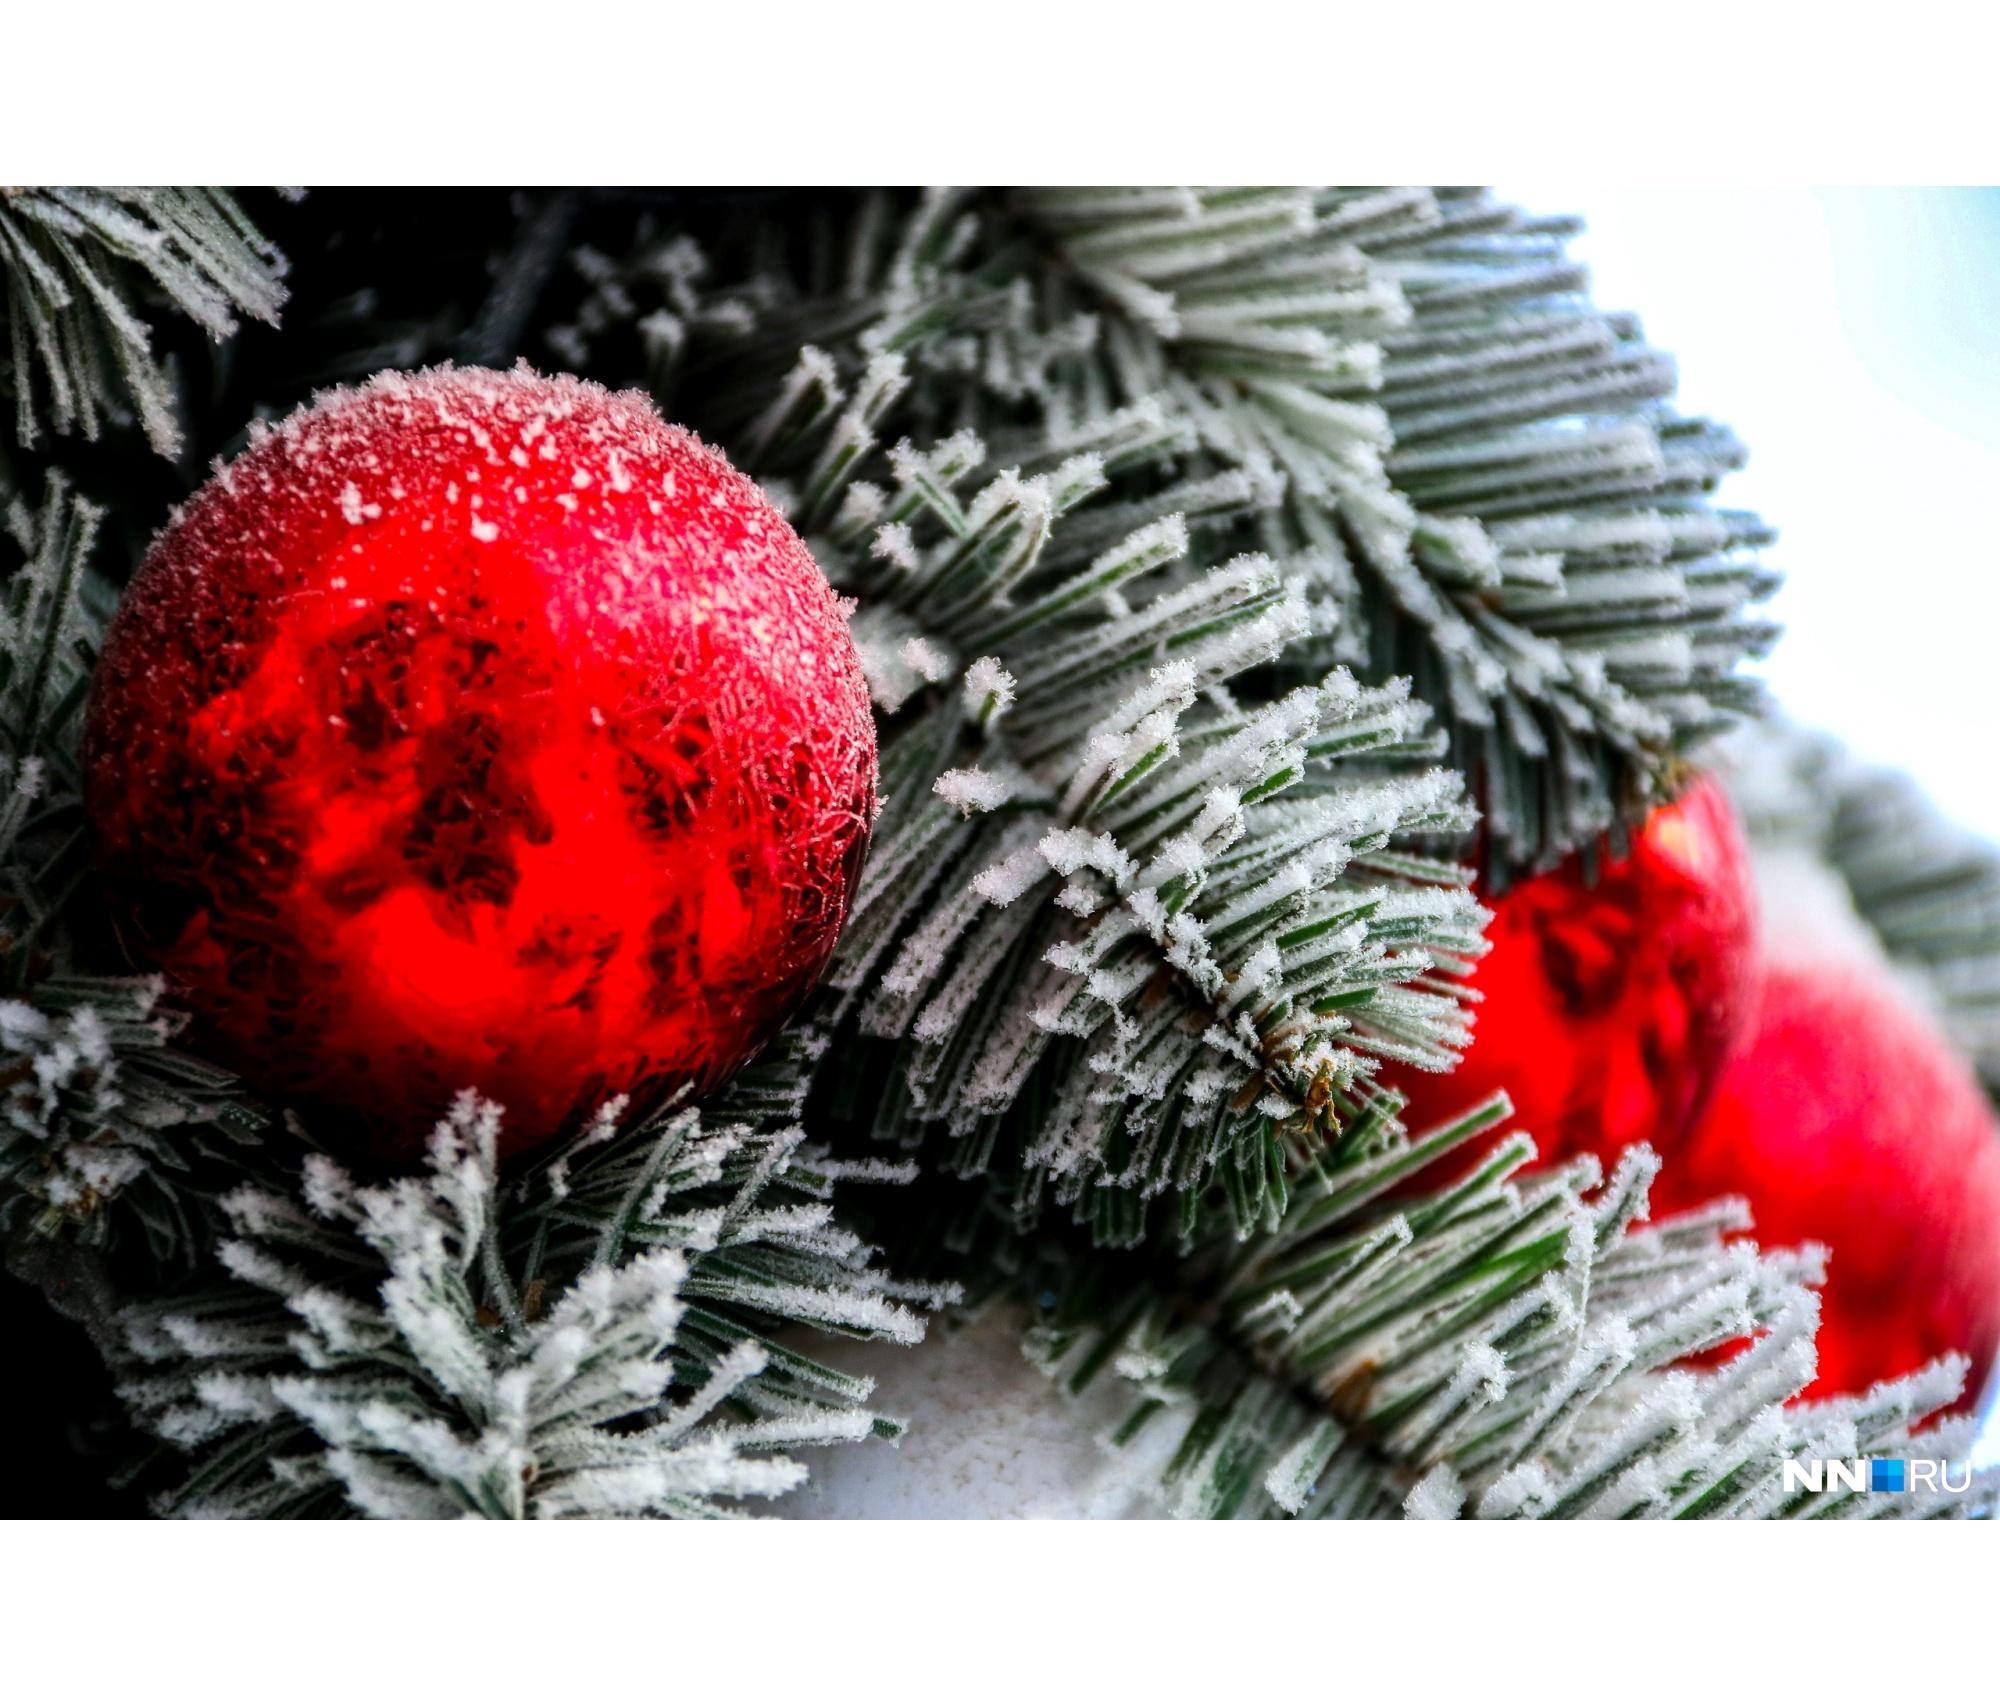 Даже новогодние елки стали выглядеть еще красивее